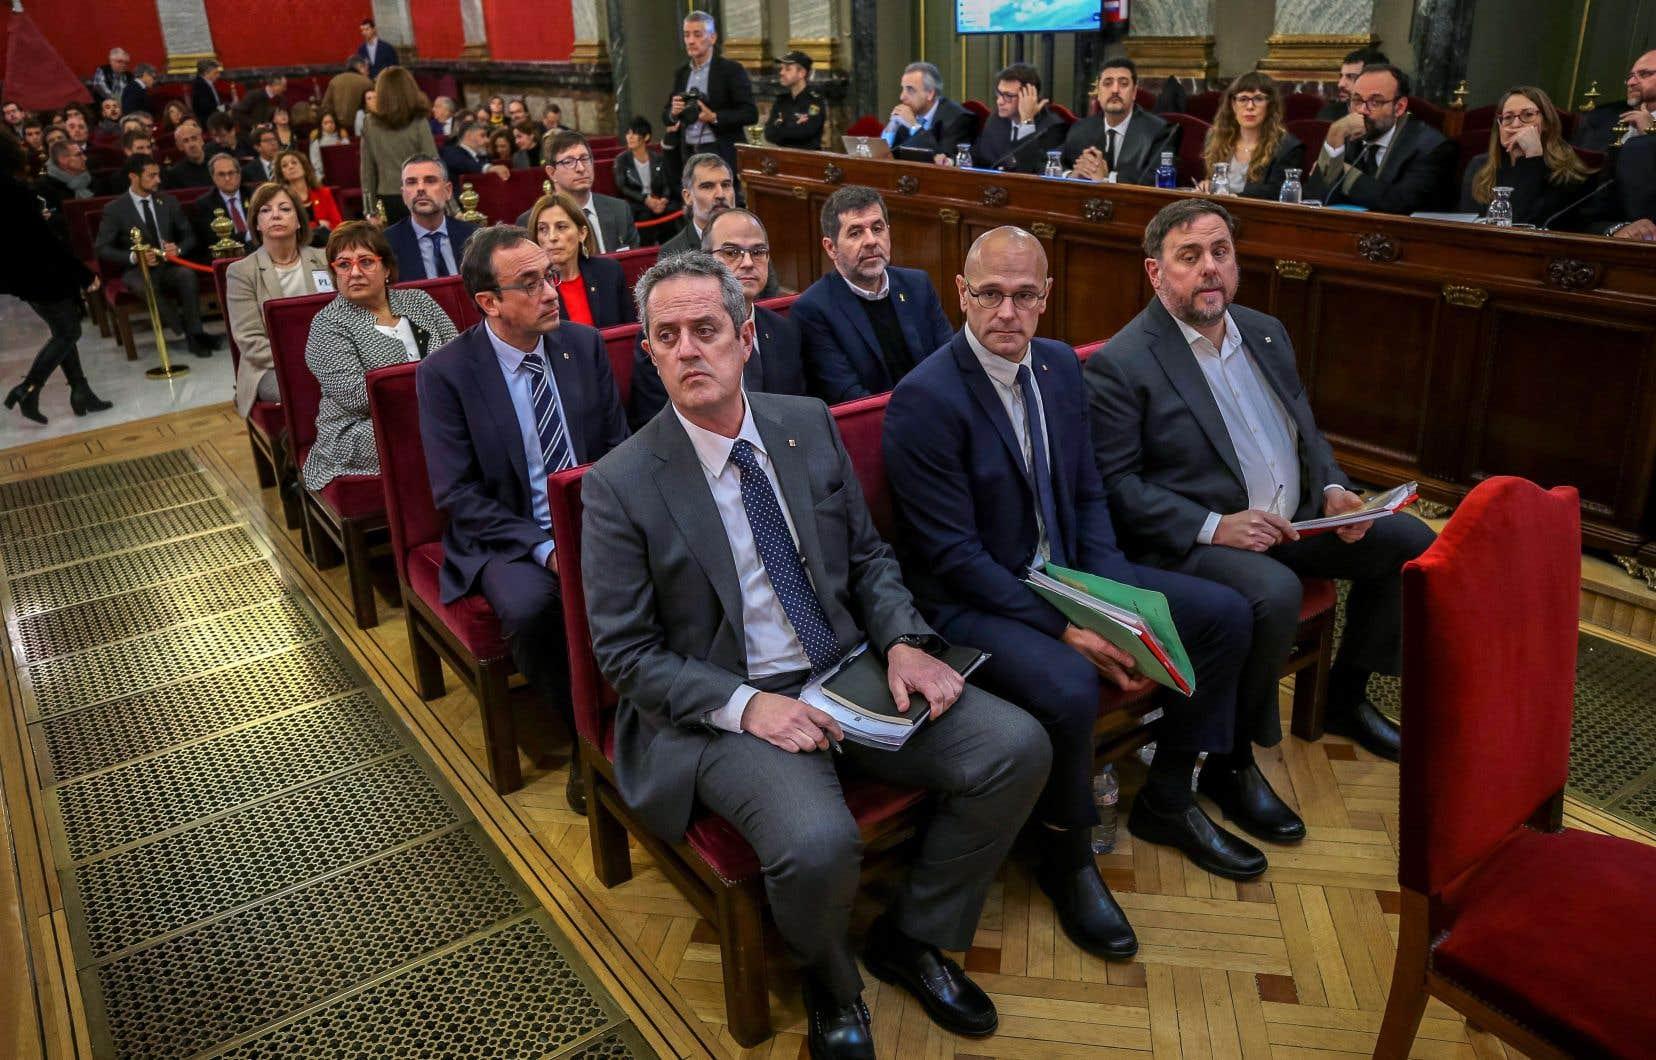 <p>Les douze dirigeants indépendantistes avaient comparu devant la Cour, de février à juin, pour leur rôle dans la tentative de sécession de la Catalogne d'octobre 2017.</p>